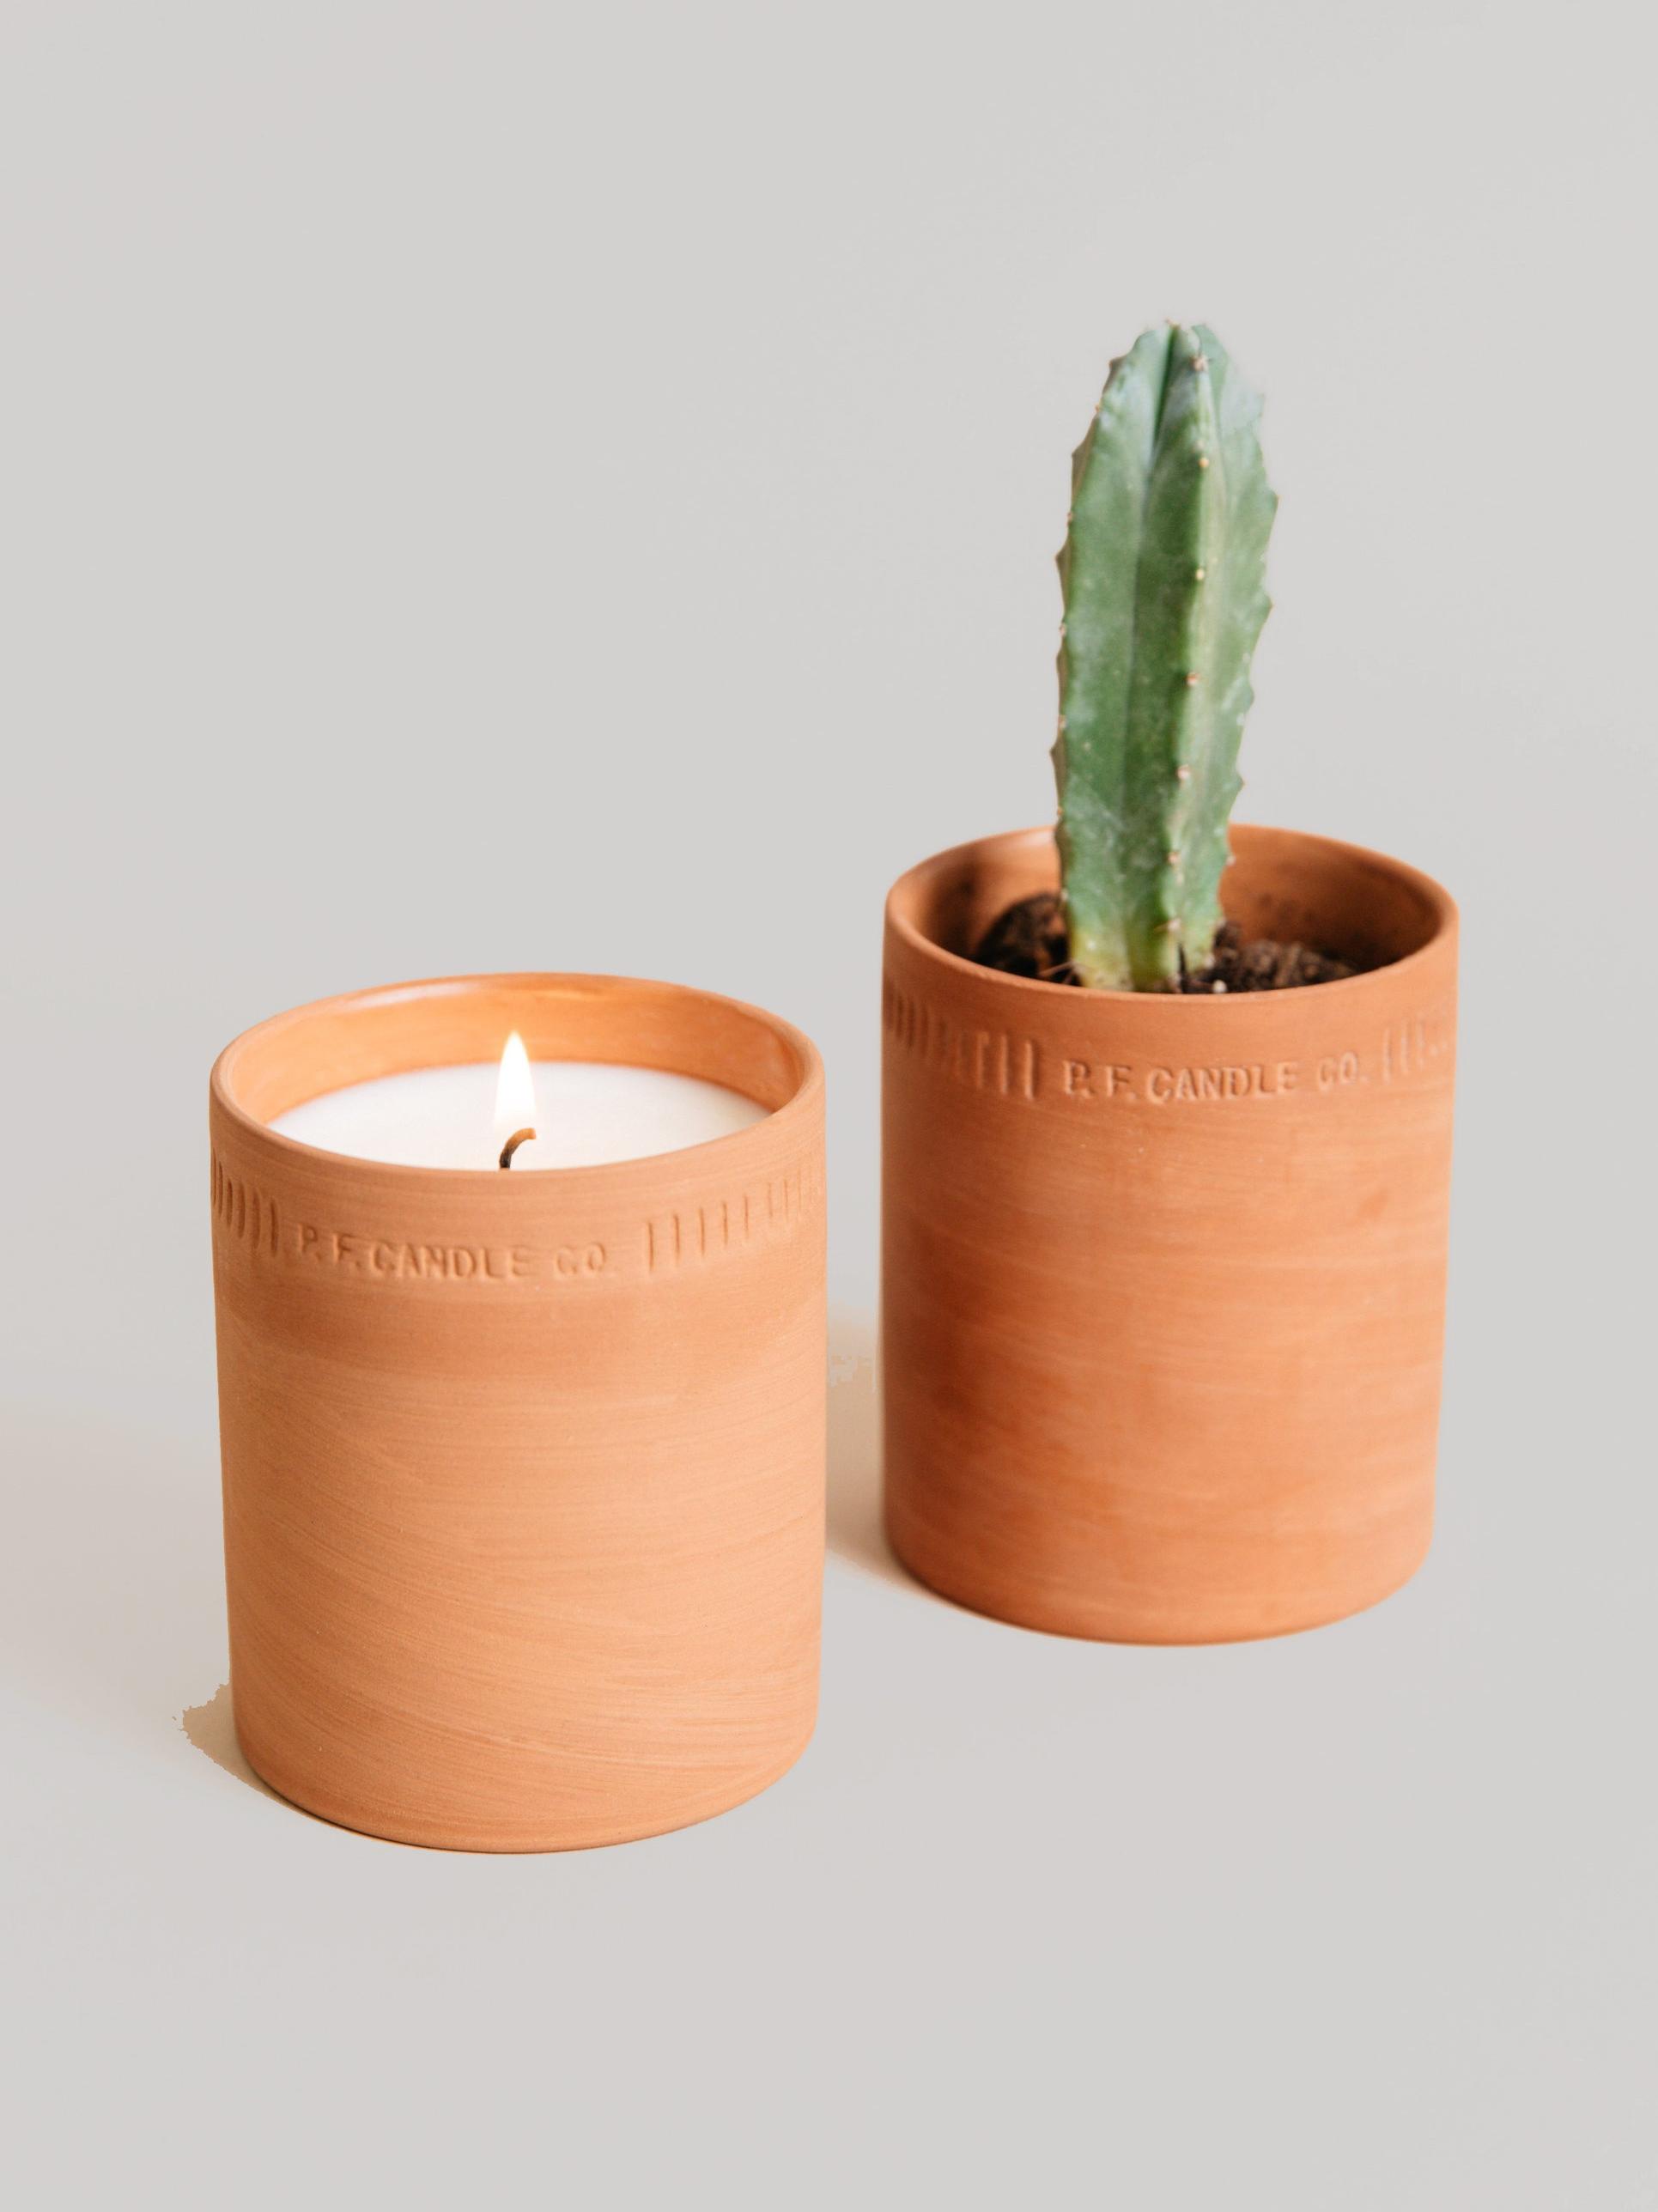 NO. 01: GERANIUM Candle — PJ Candles